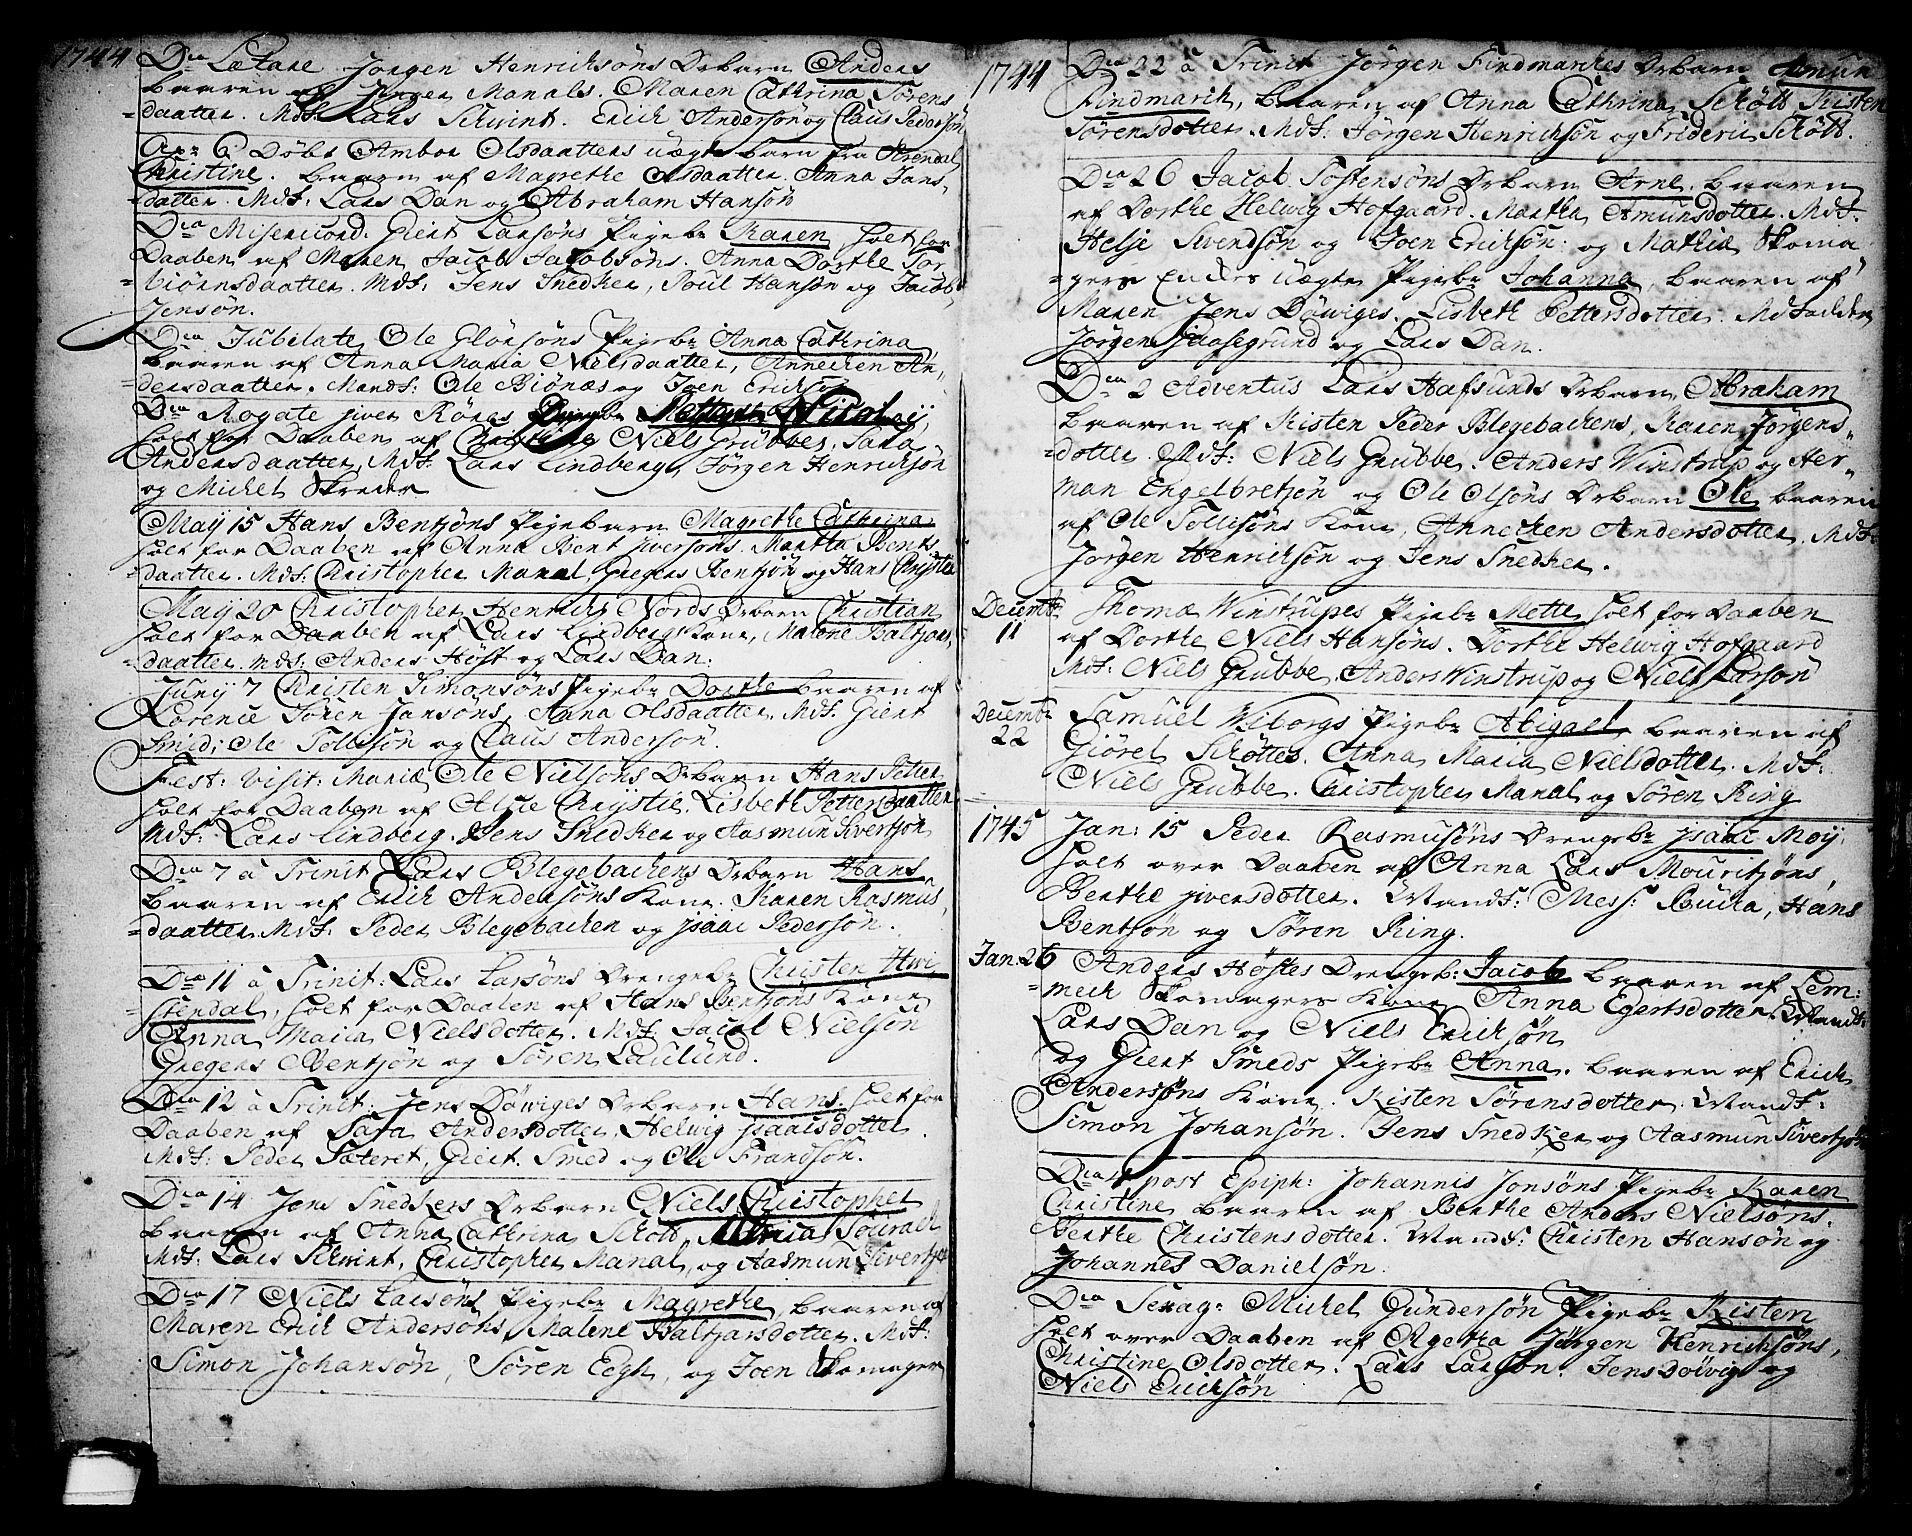 SAKO, Brevik kirkebøker, F/Fa/L0002: Ministerialbok nr. 2, 1720-1764, s. 34o